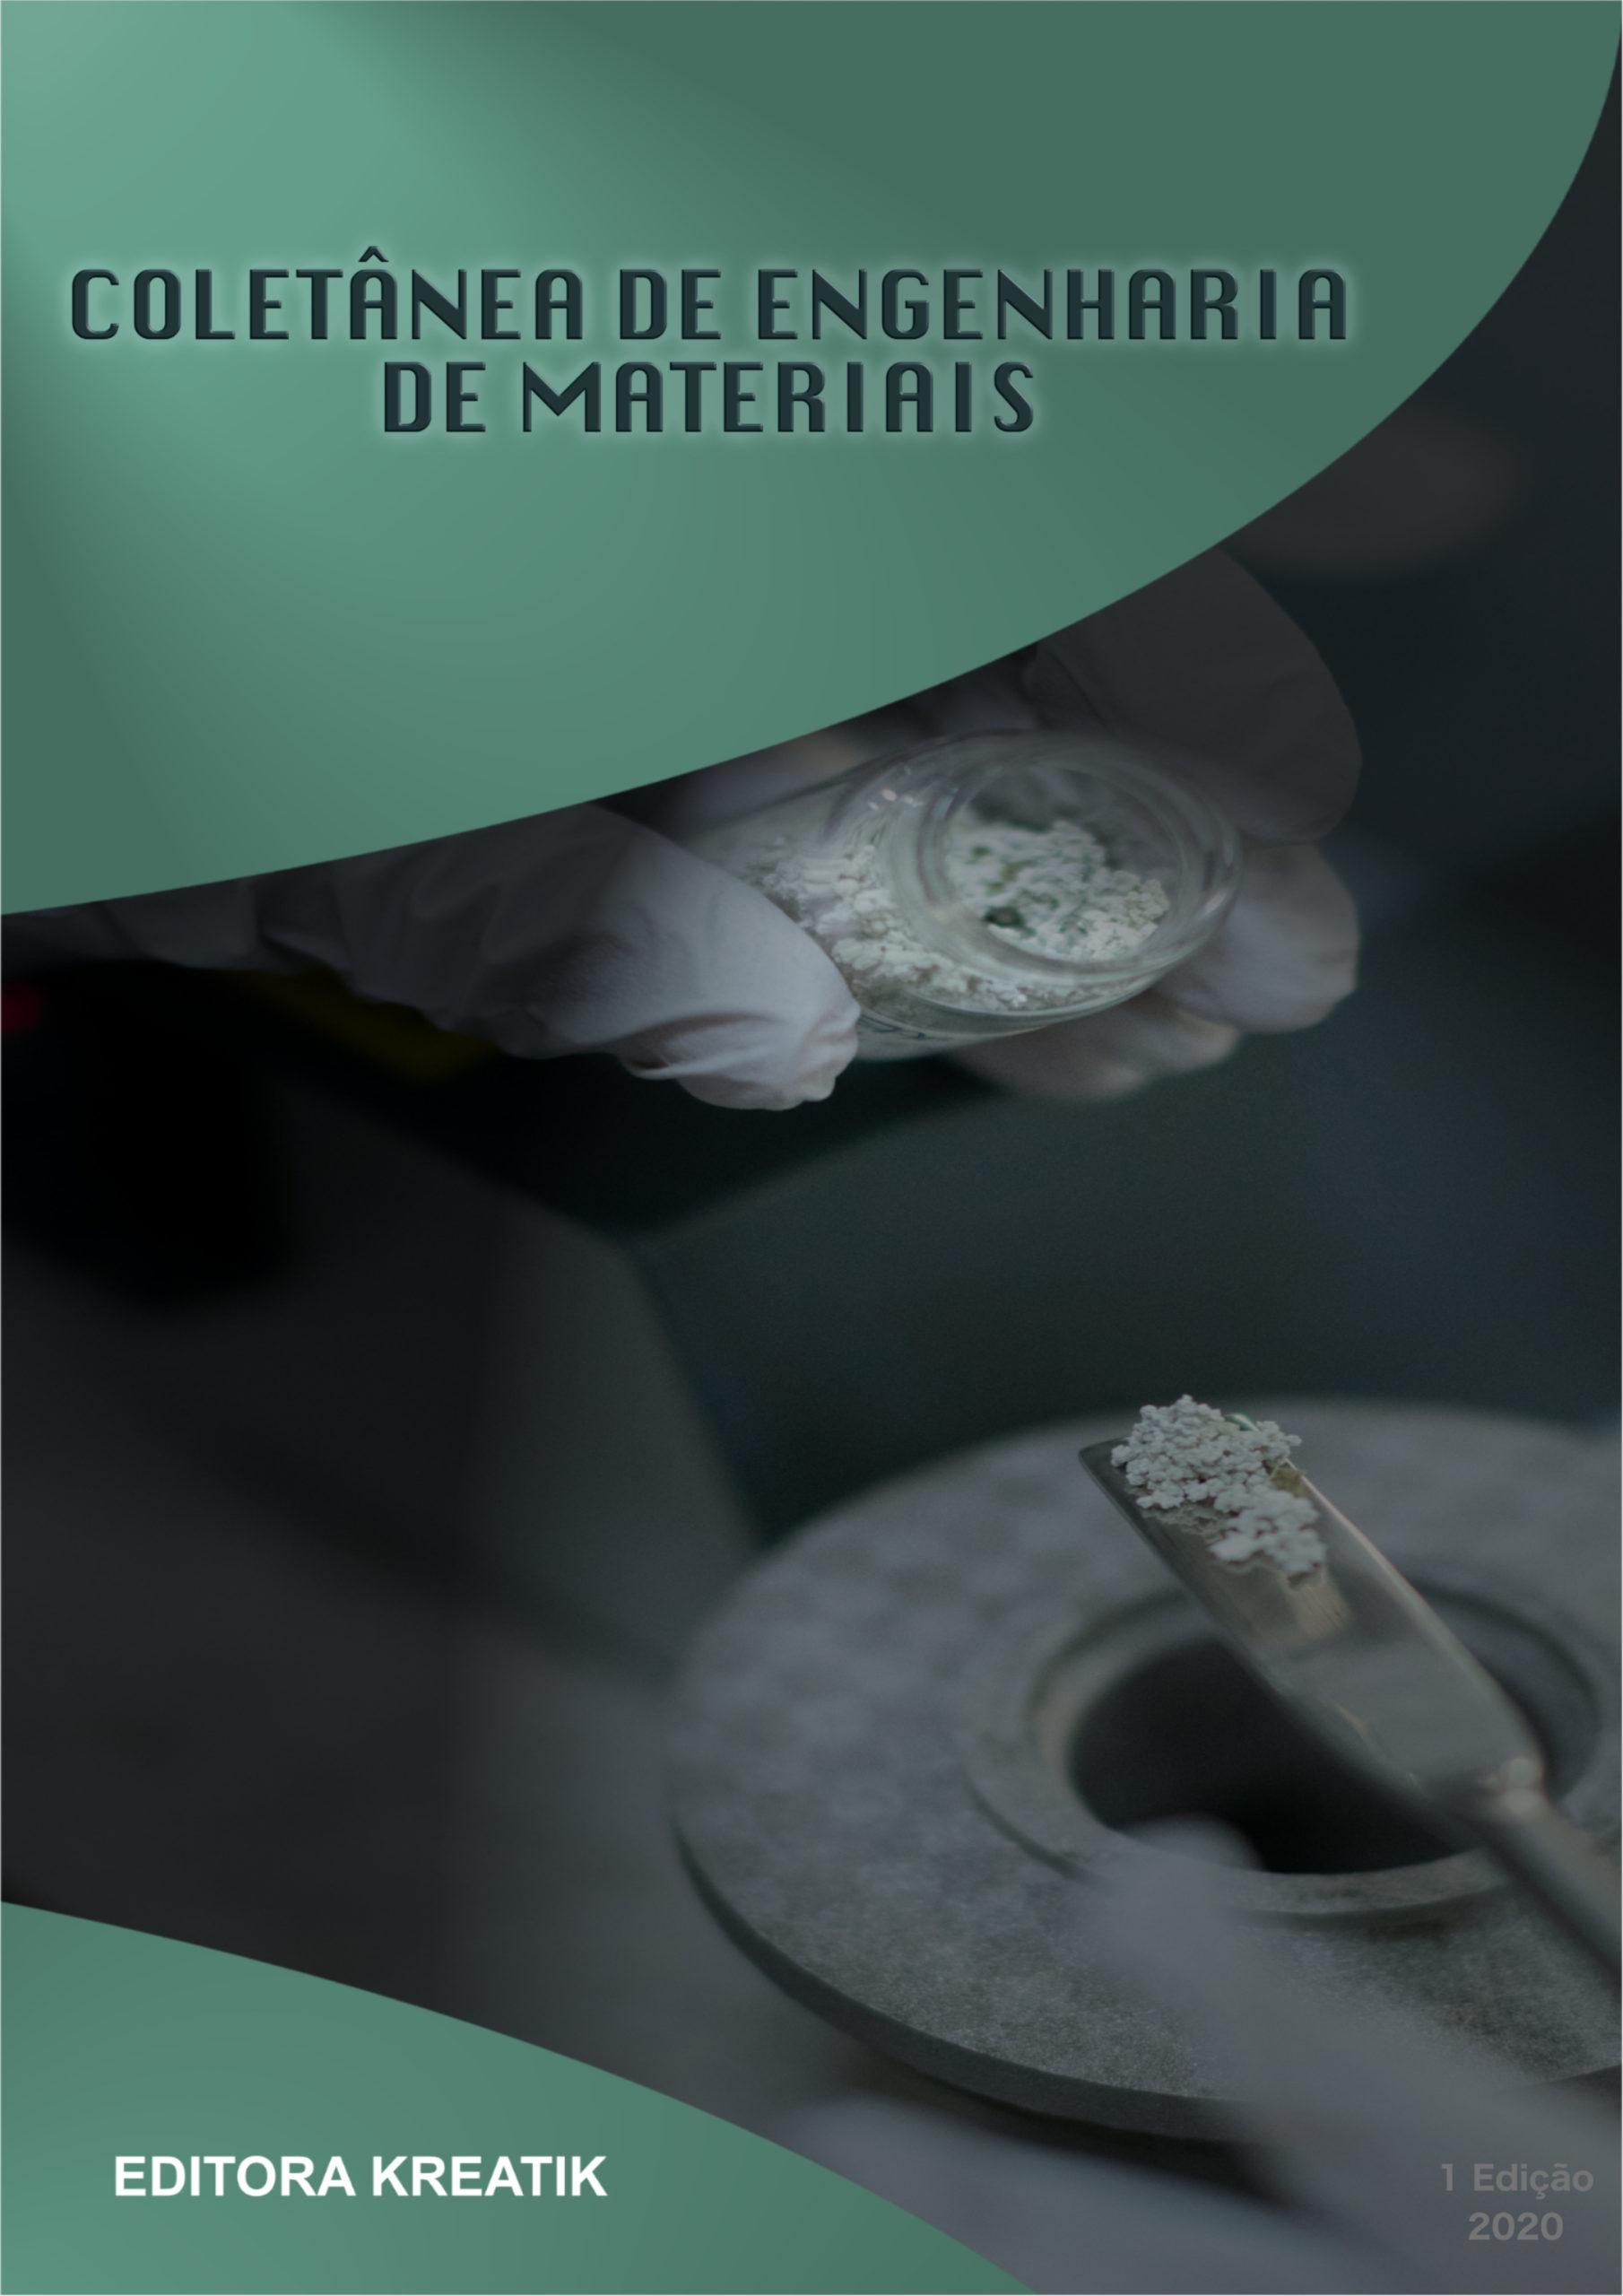 Coletânea de Engenharia de Materiais